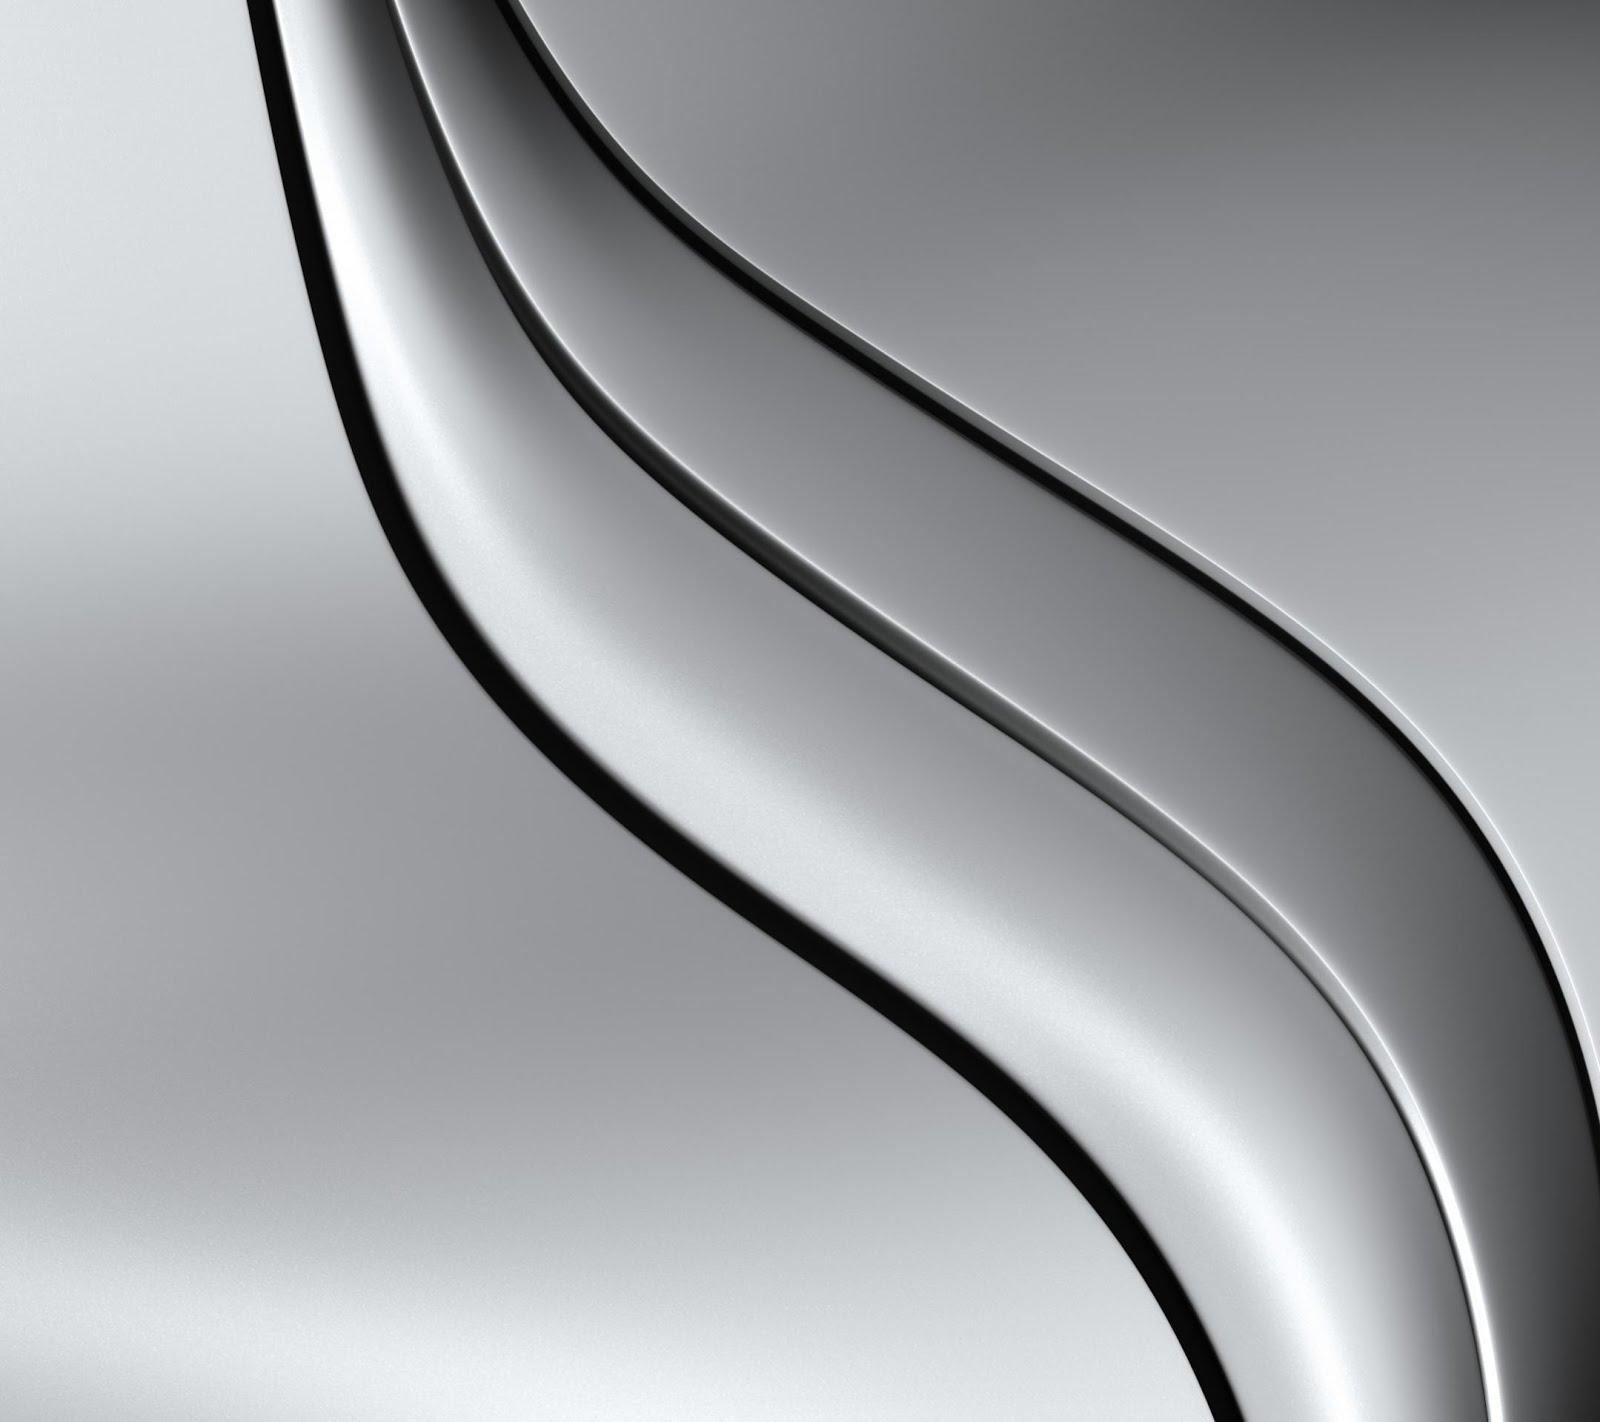 http://4.bp.blogspot.com/-MF4oKcIX2_E/UN2WBPrc2PI/AAAAAAAAVdE/rJIwBLwgWxQ/s1600/kddi_wallpaper_white.jpg